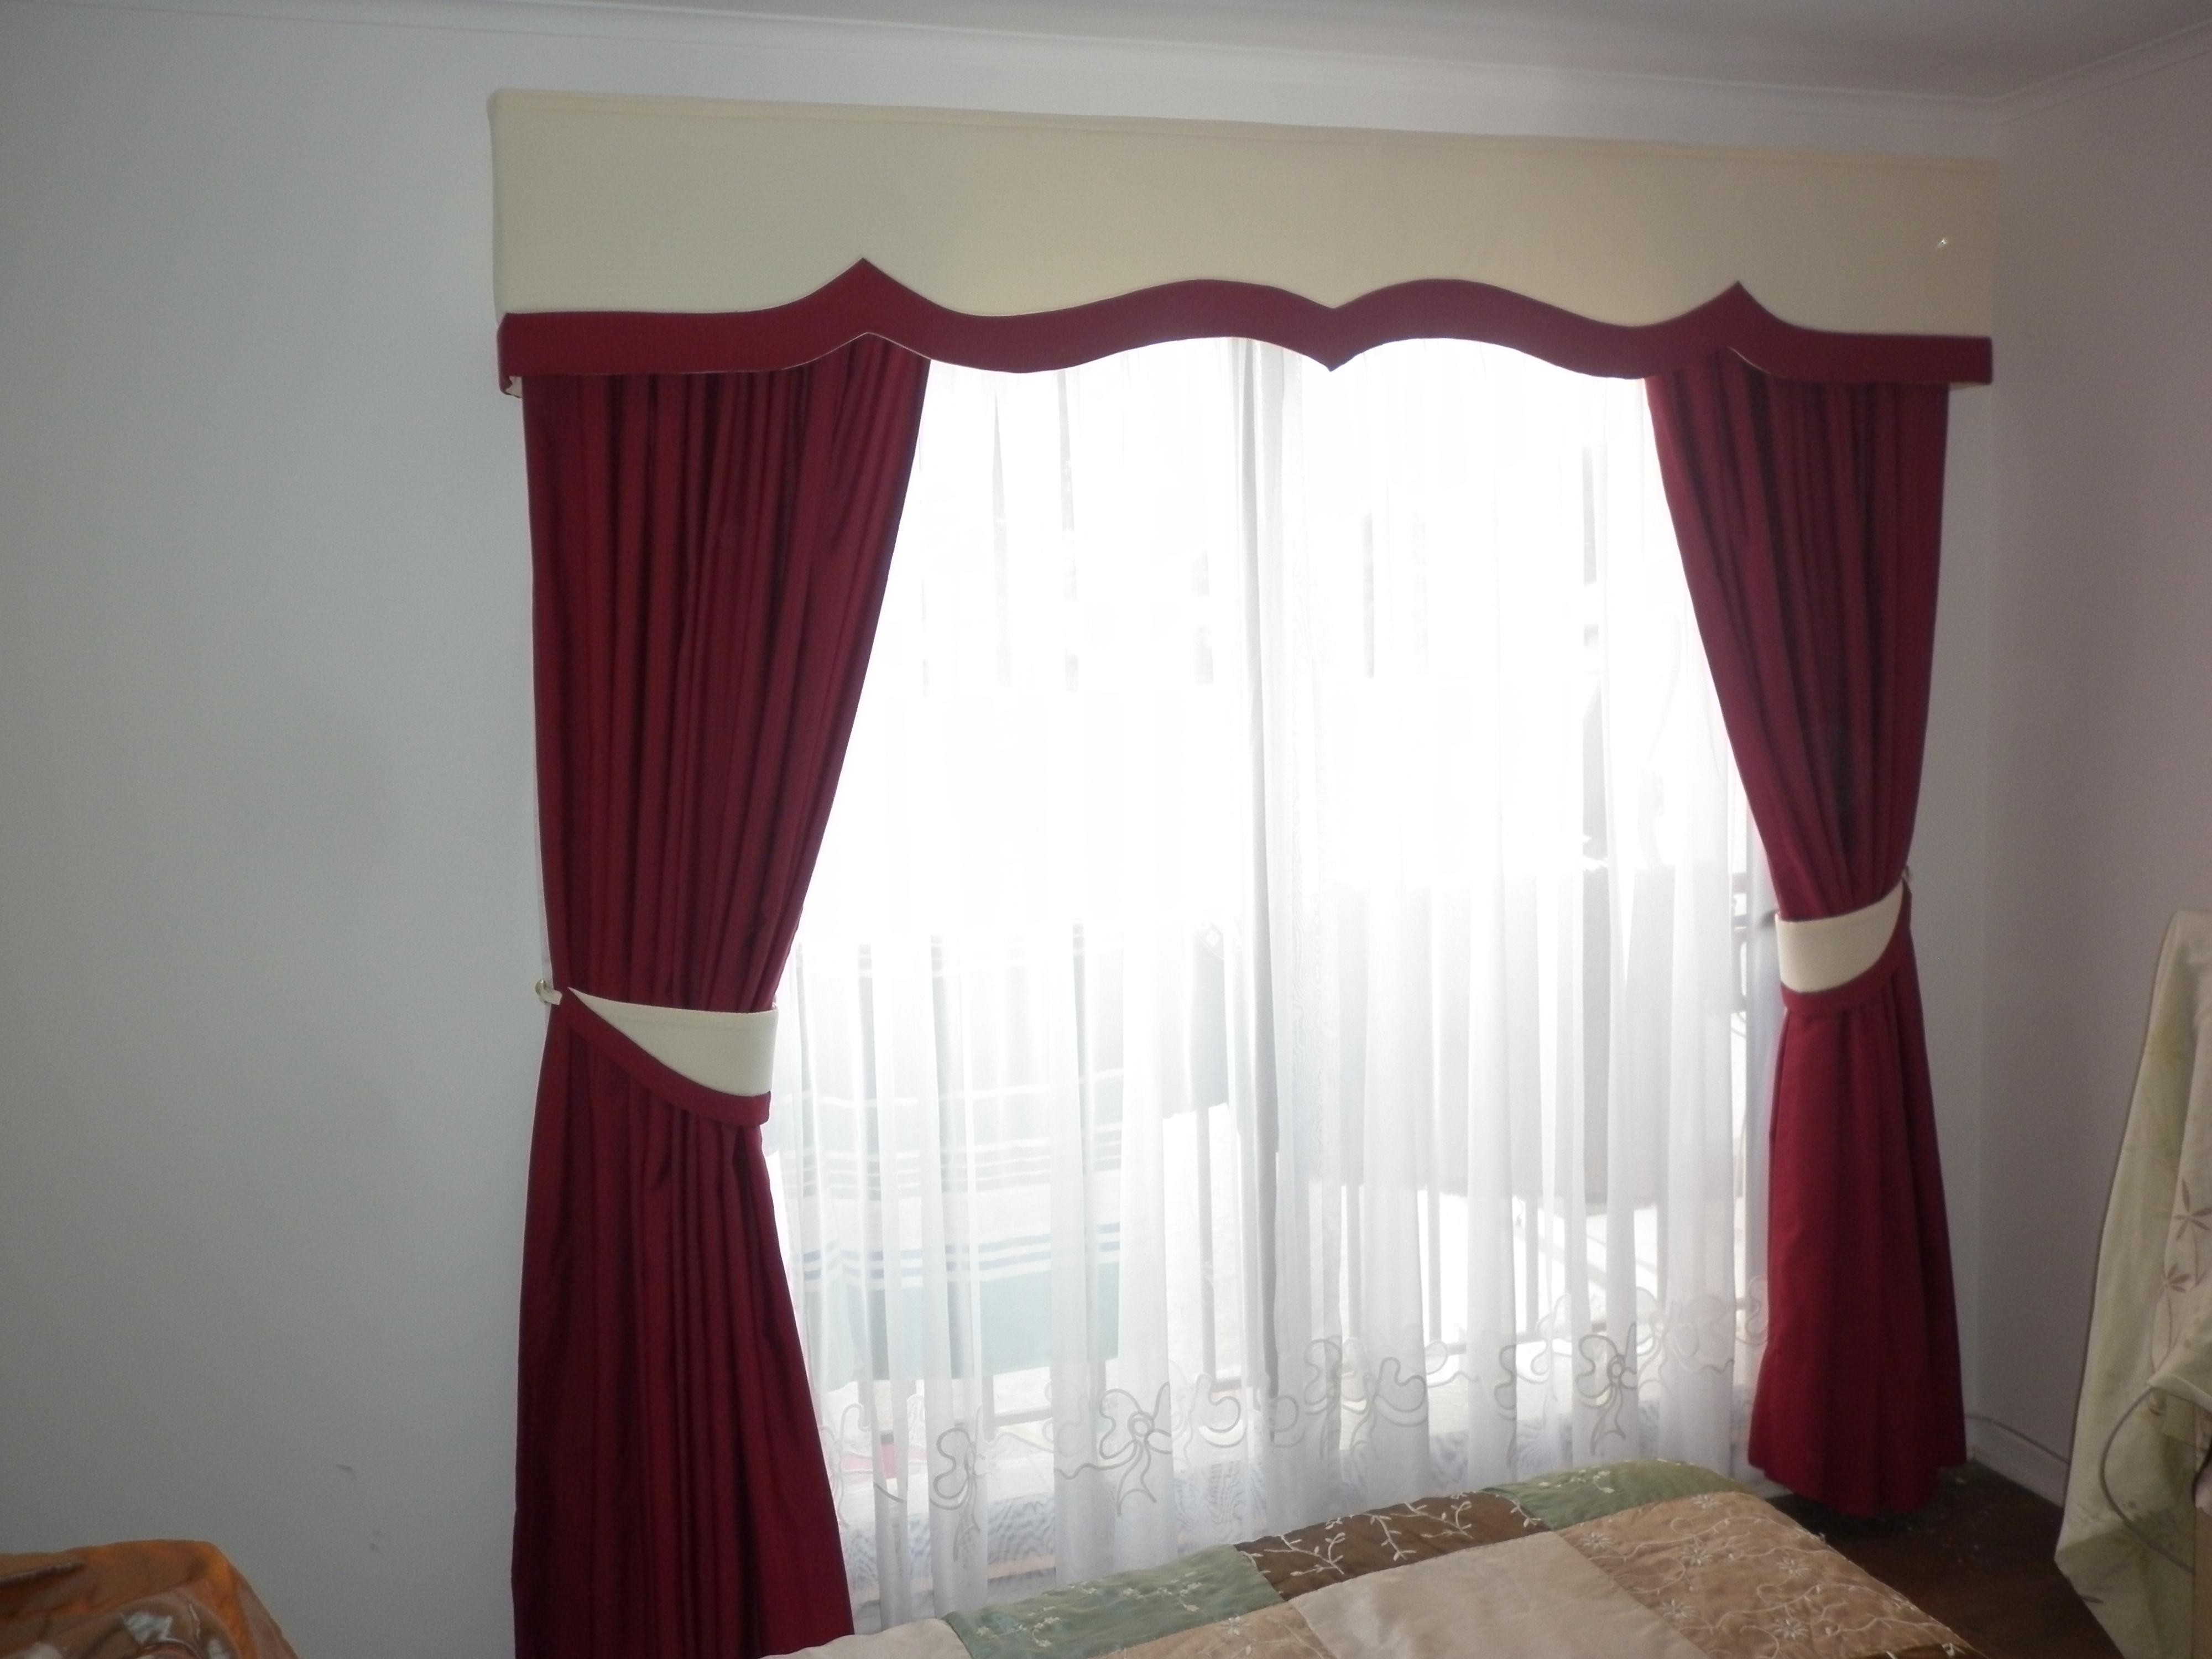 Imagenes de cortinas en foamy cortinas confeccion de - Cortinas de goma ...